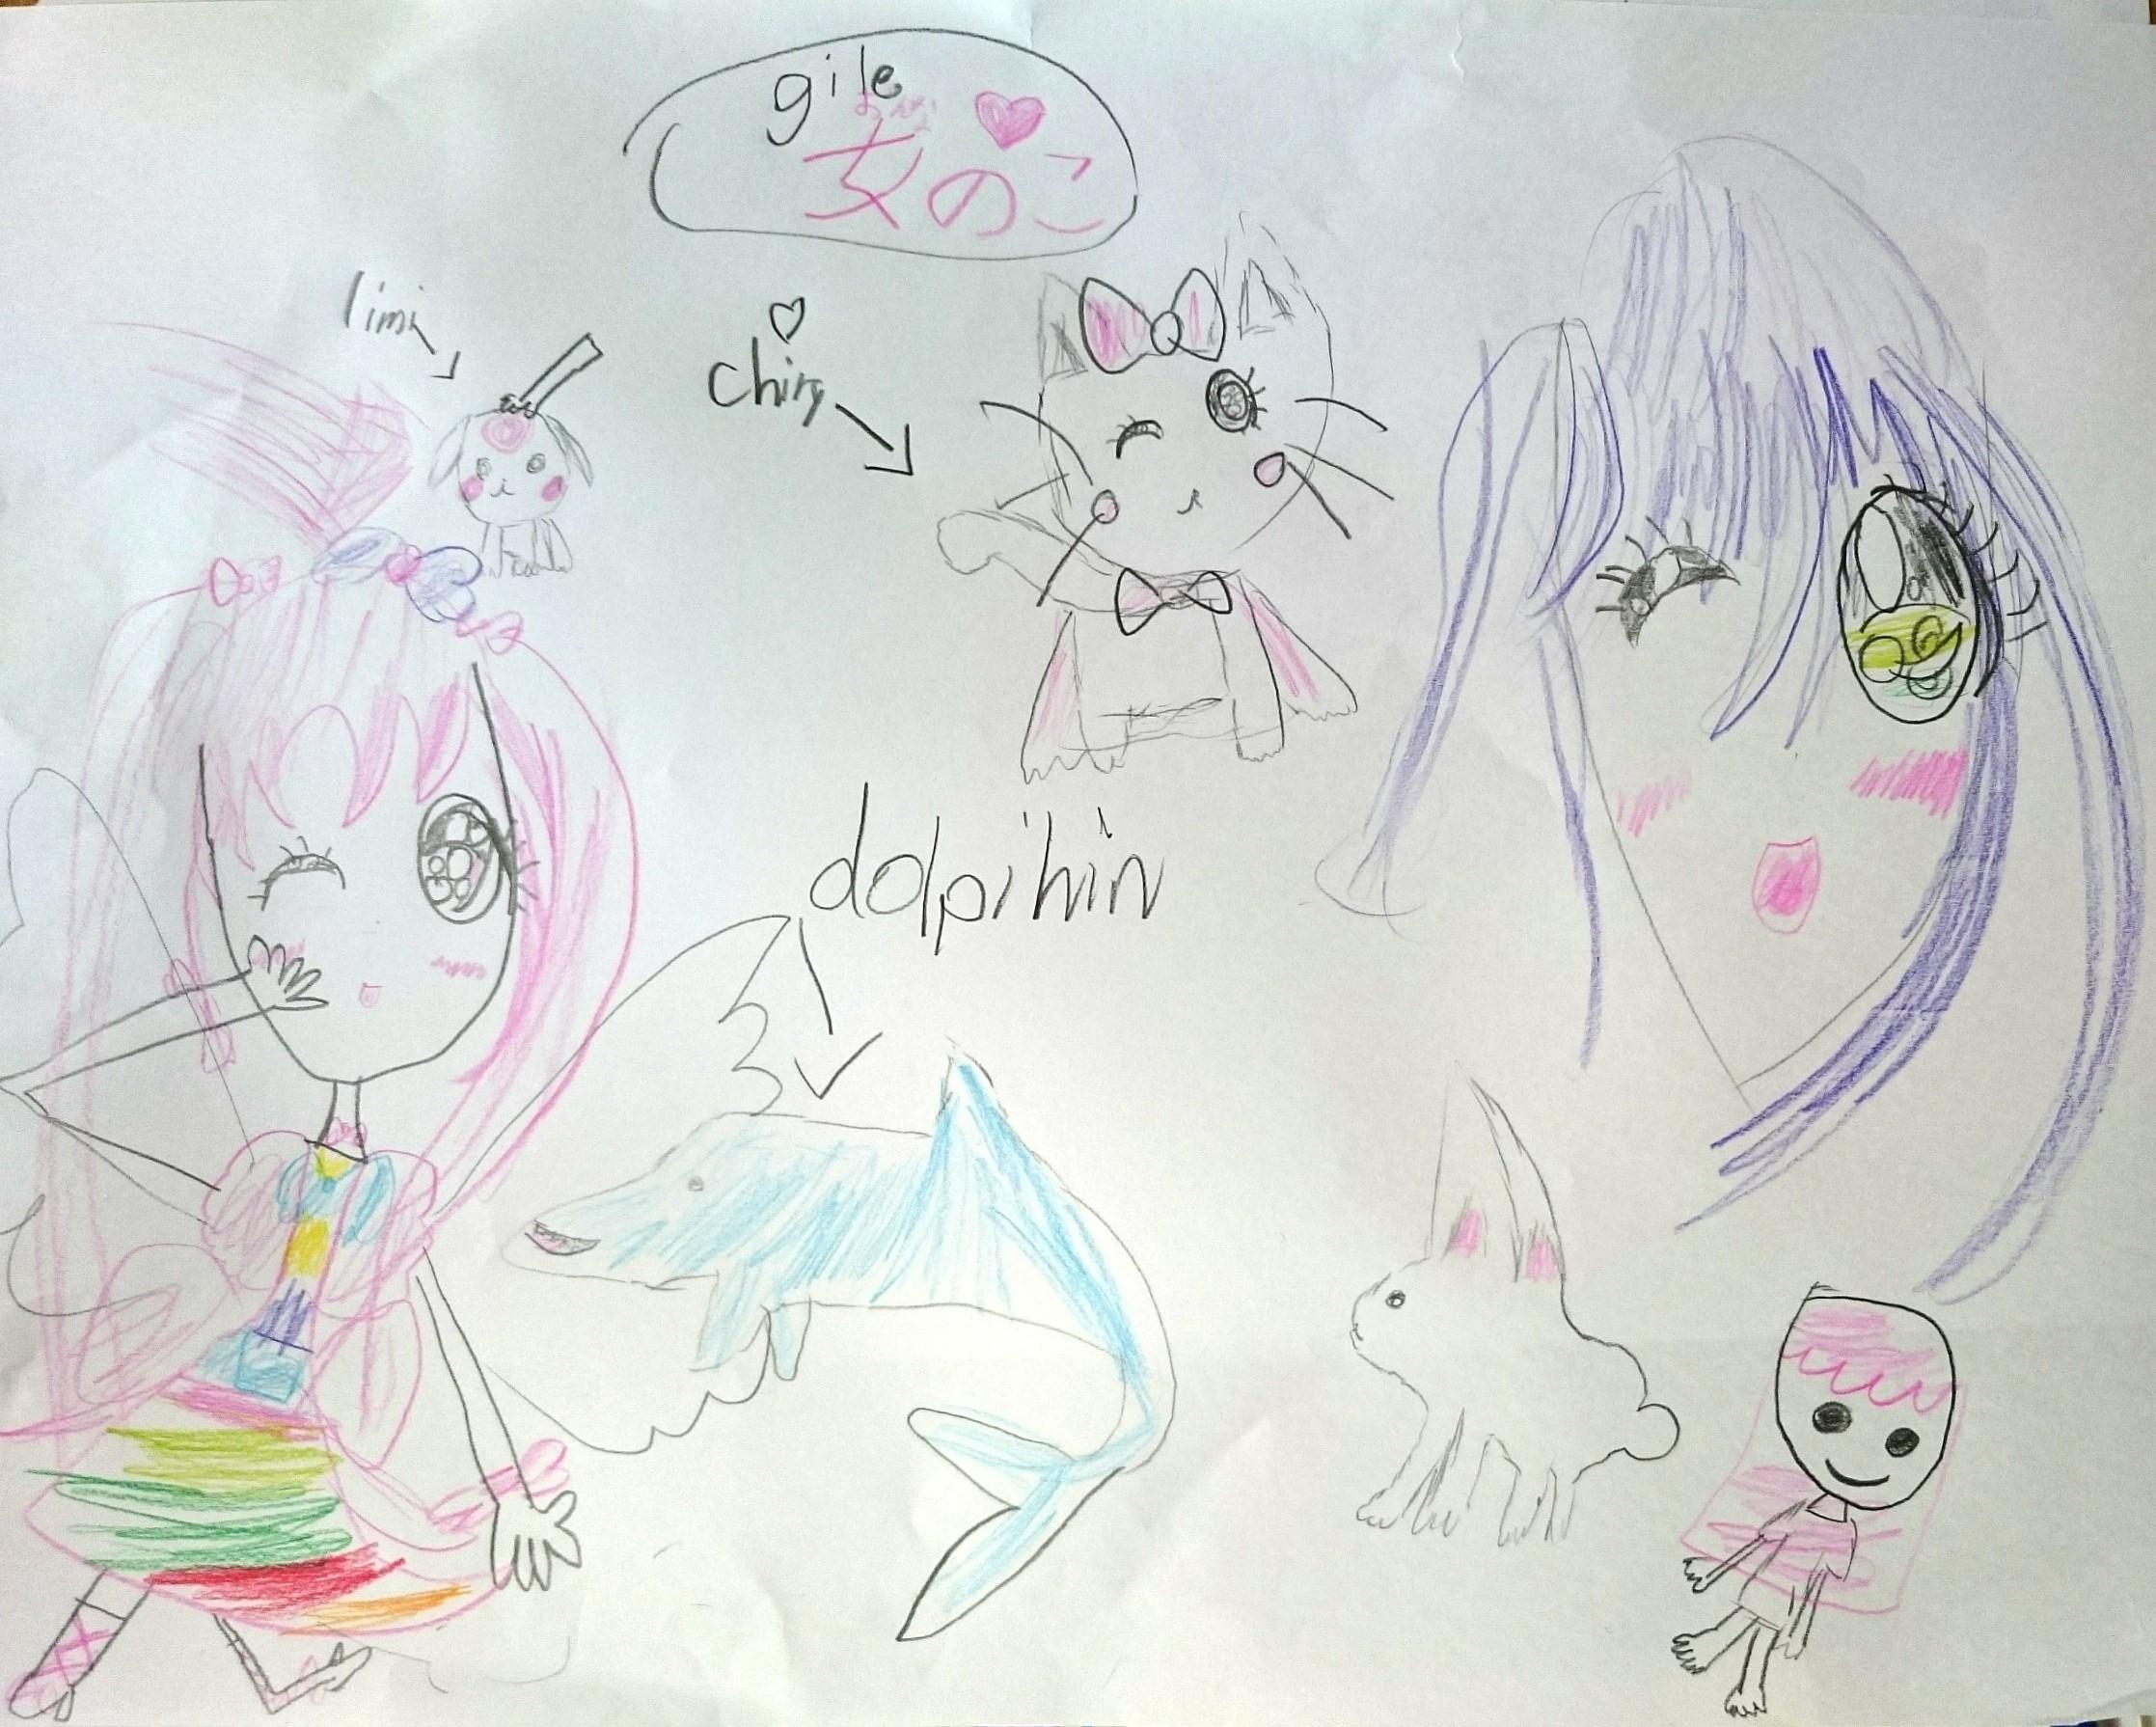 cocos-drawing-30b305bcb2ea32b3cb08930a98f78a2316f03c03